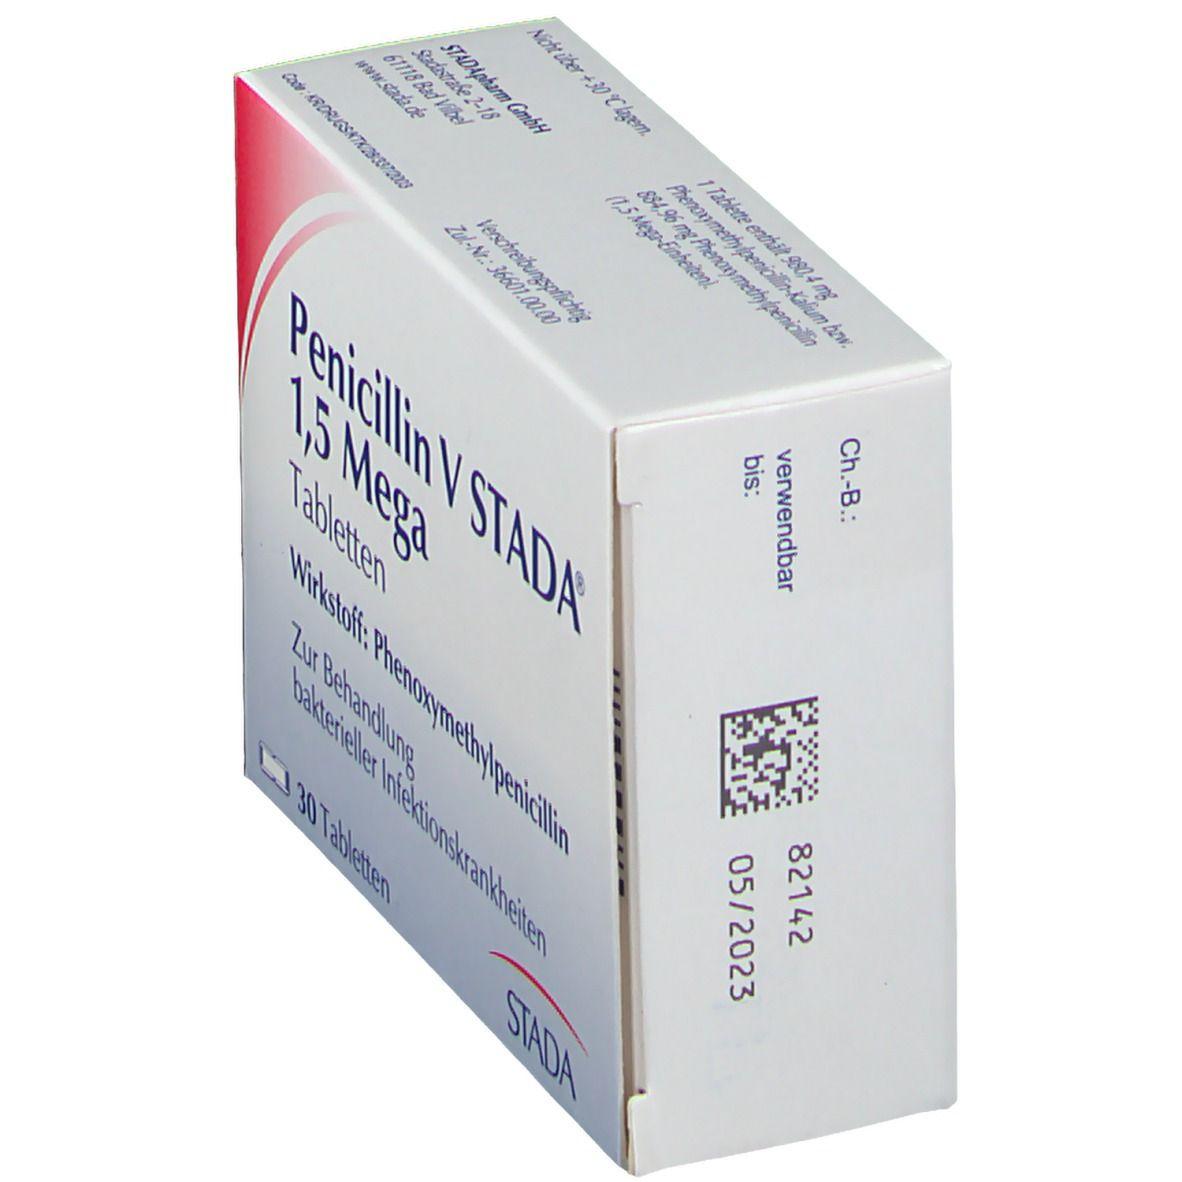 V 1 nebenwirkungen stada mega penicillin 5 PENICILLIN V